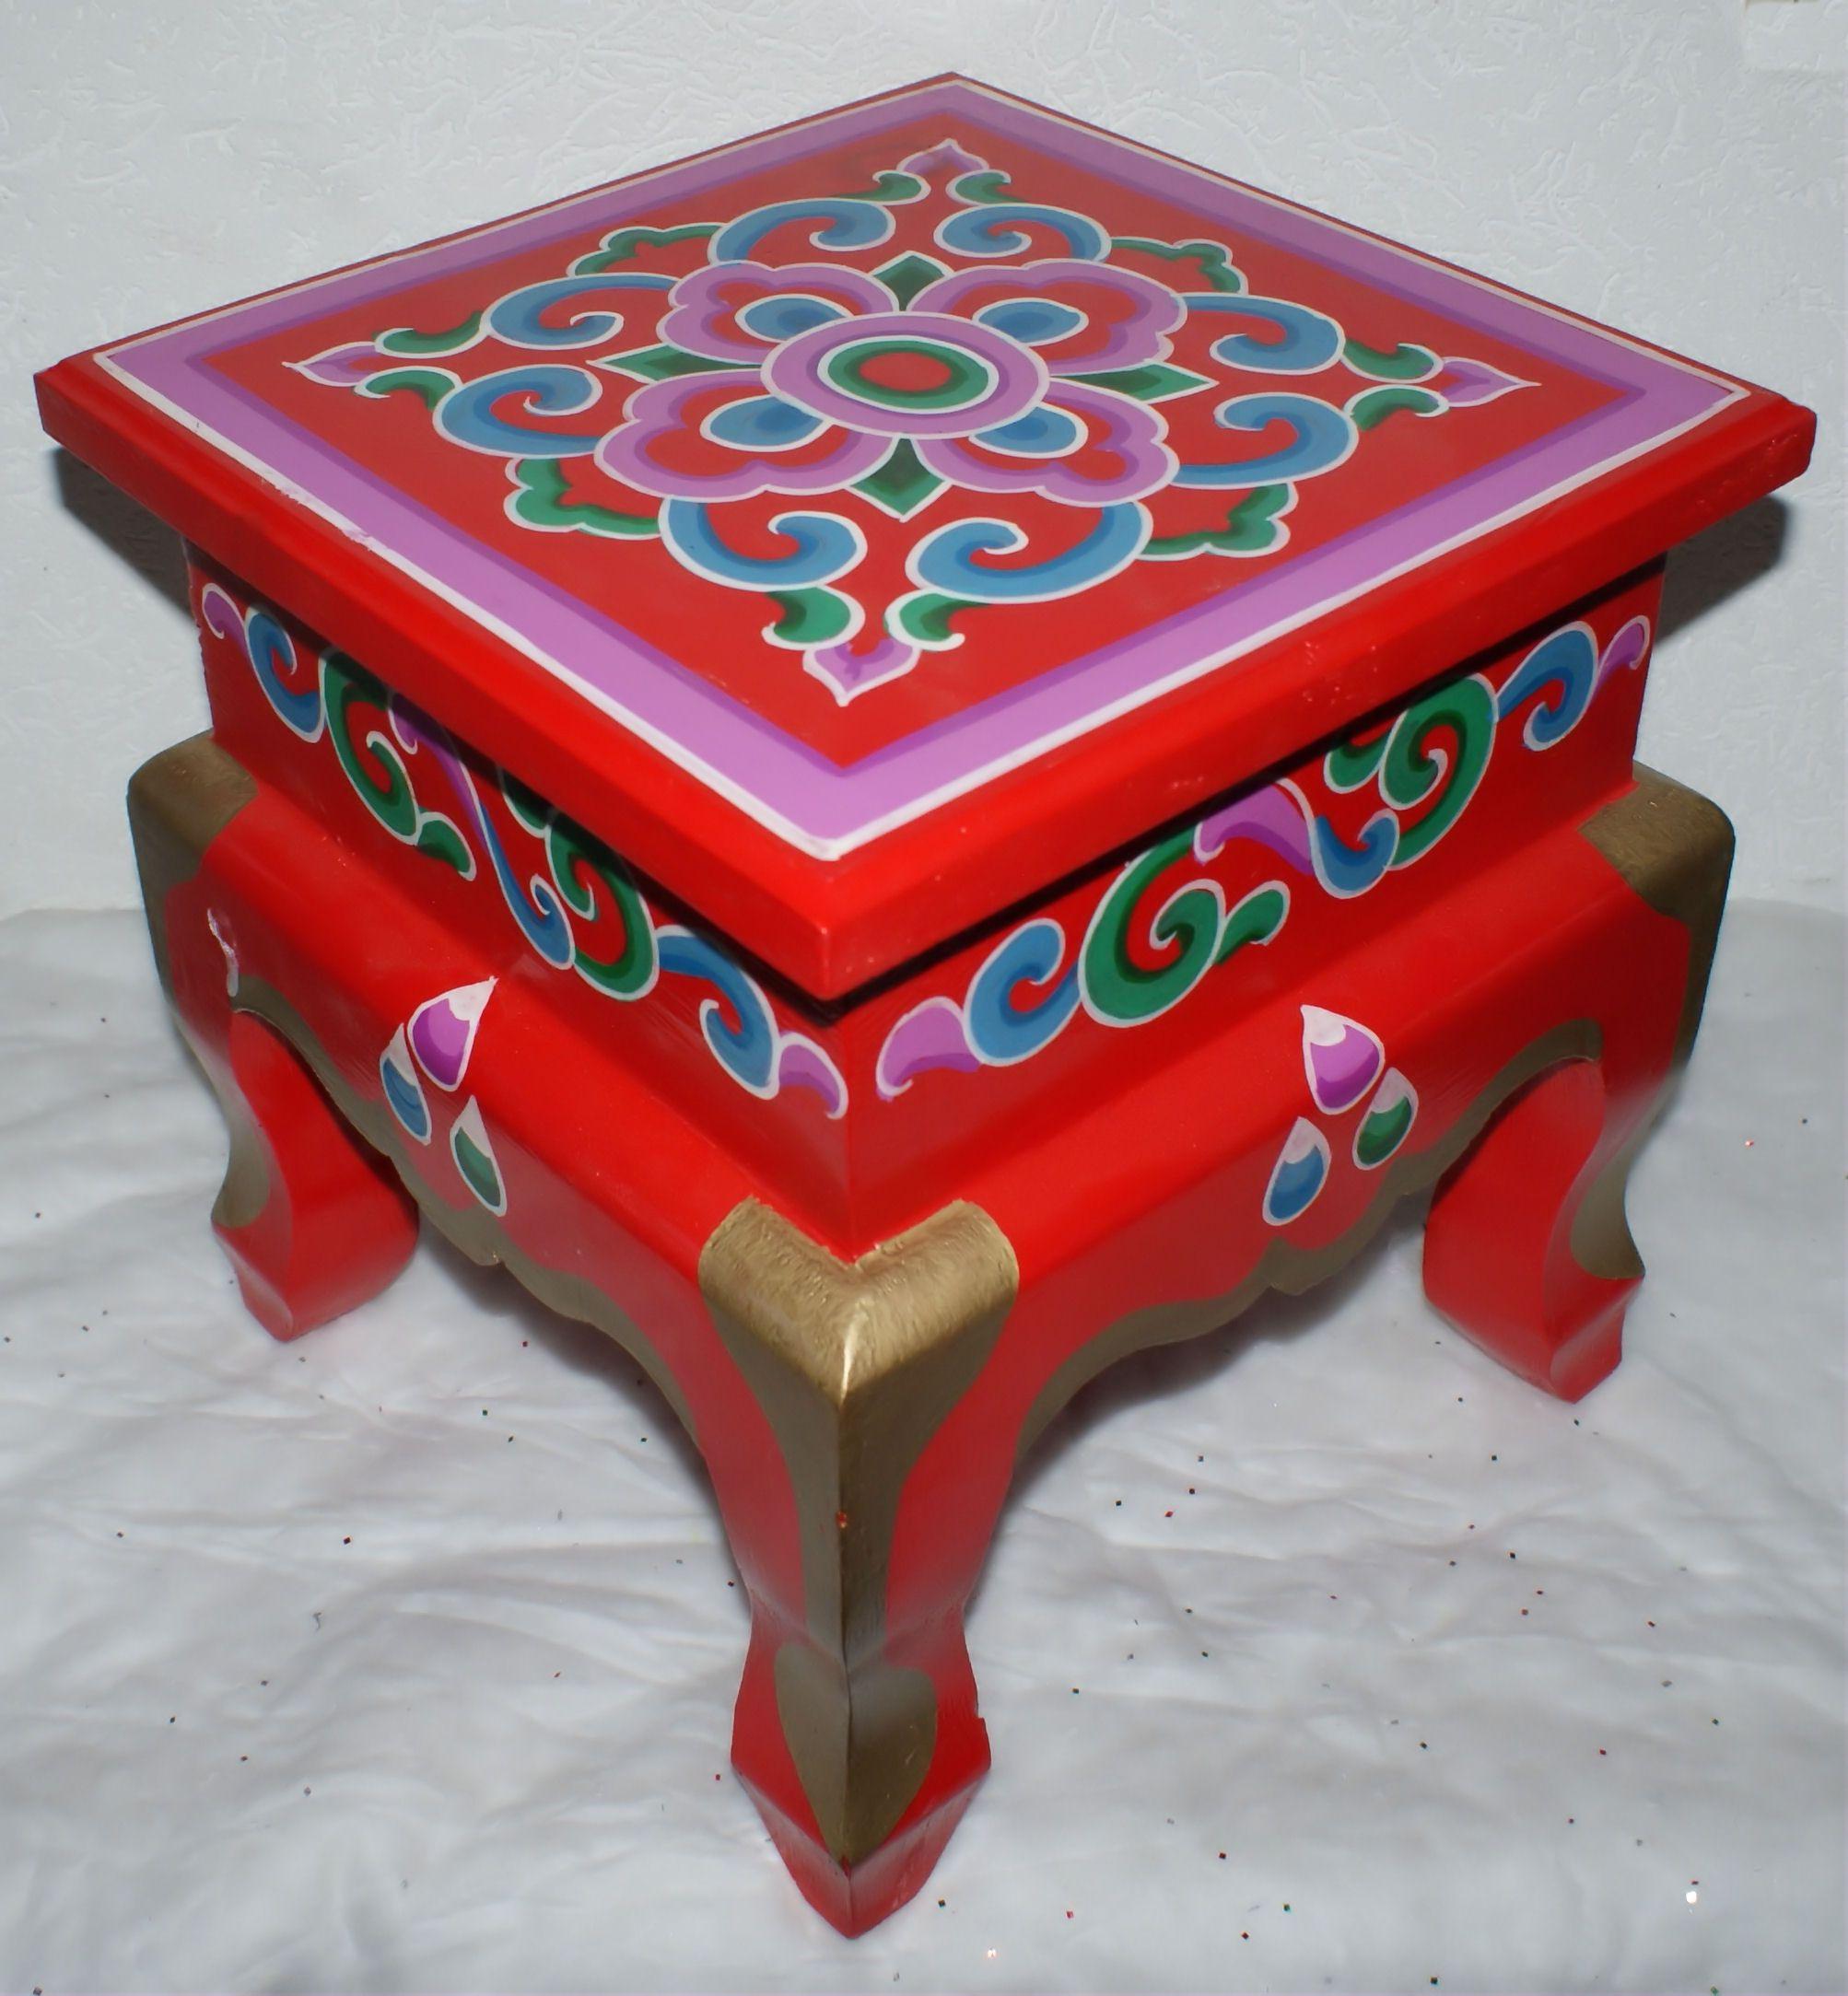 Original Mongolian Chair Mobilier De Salon Deco Mongolie